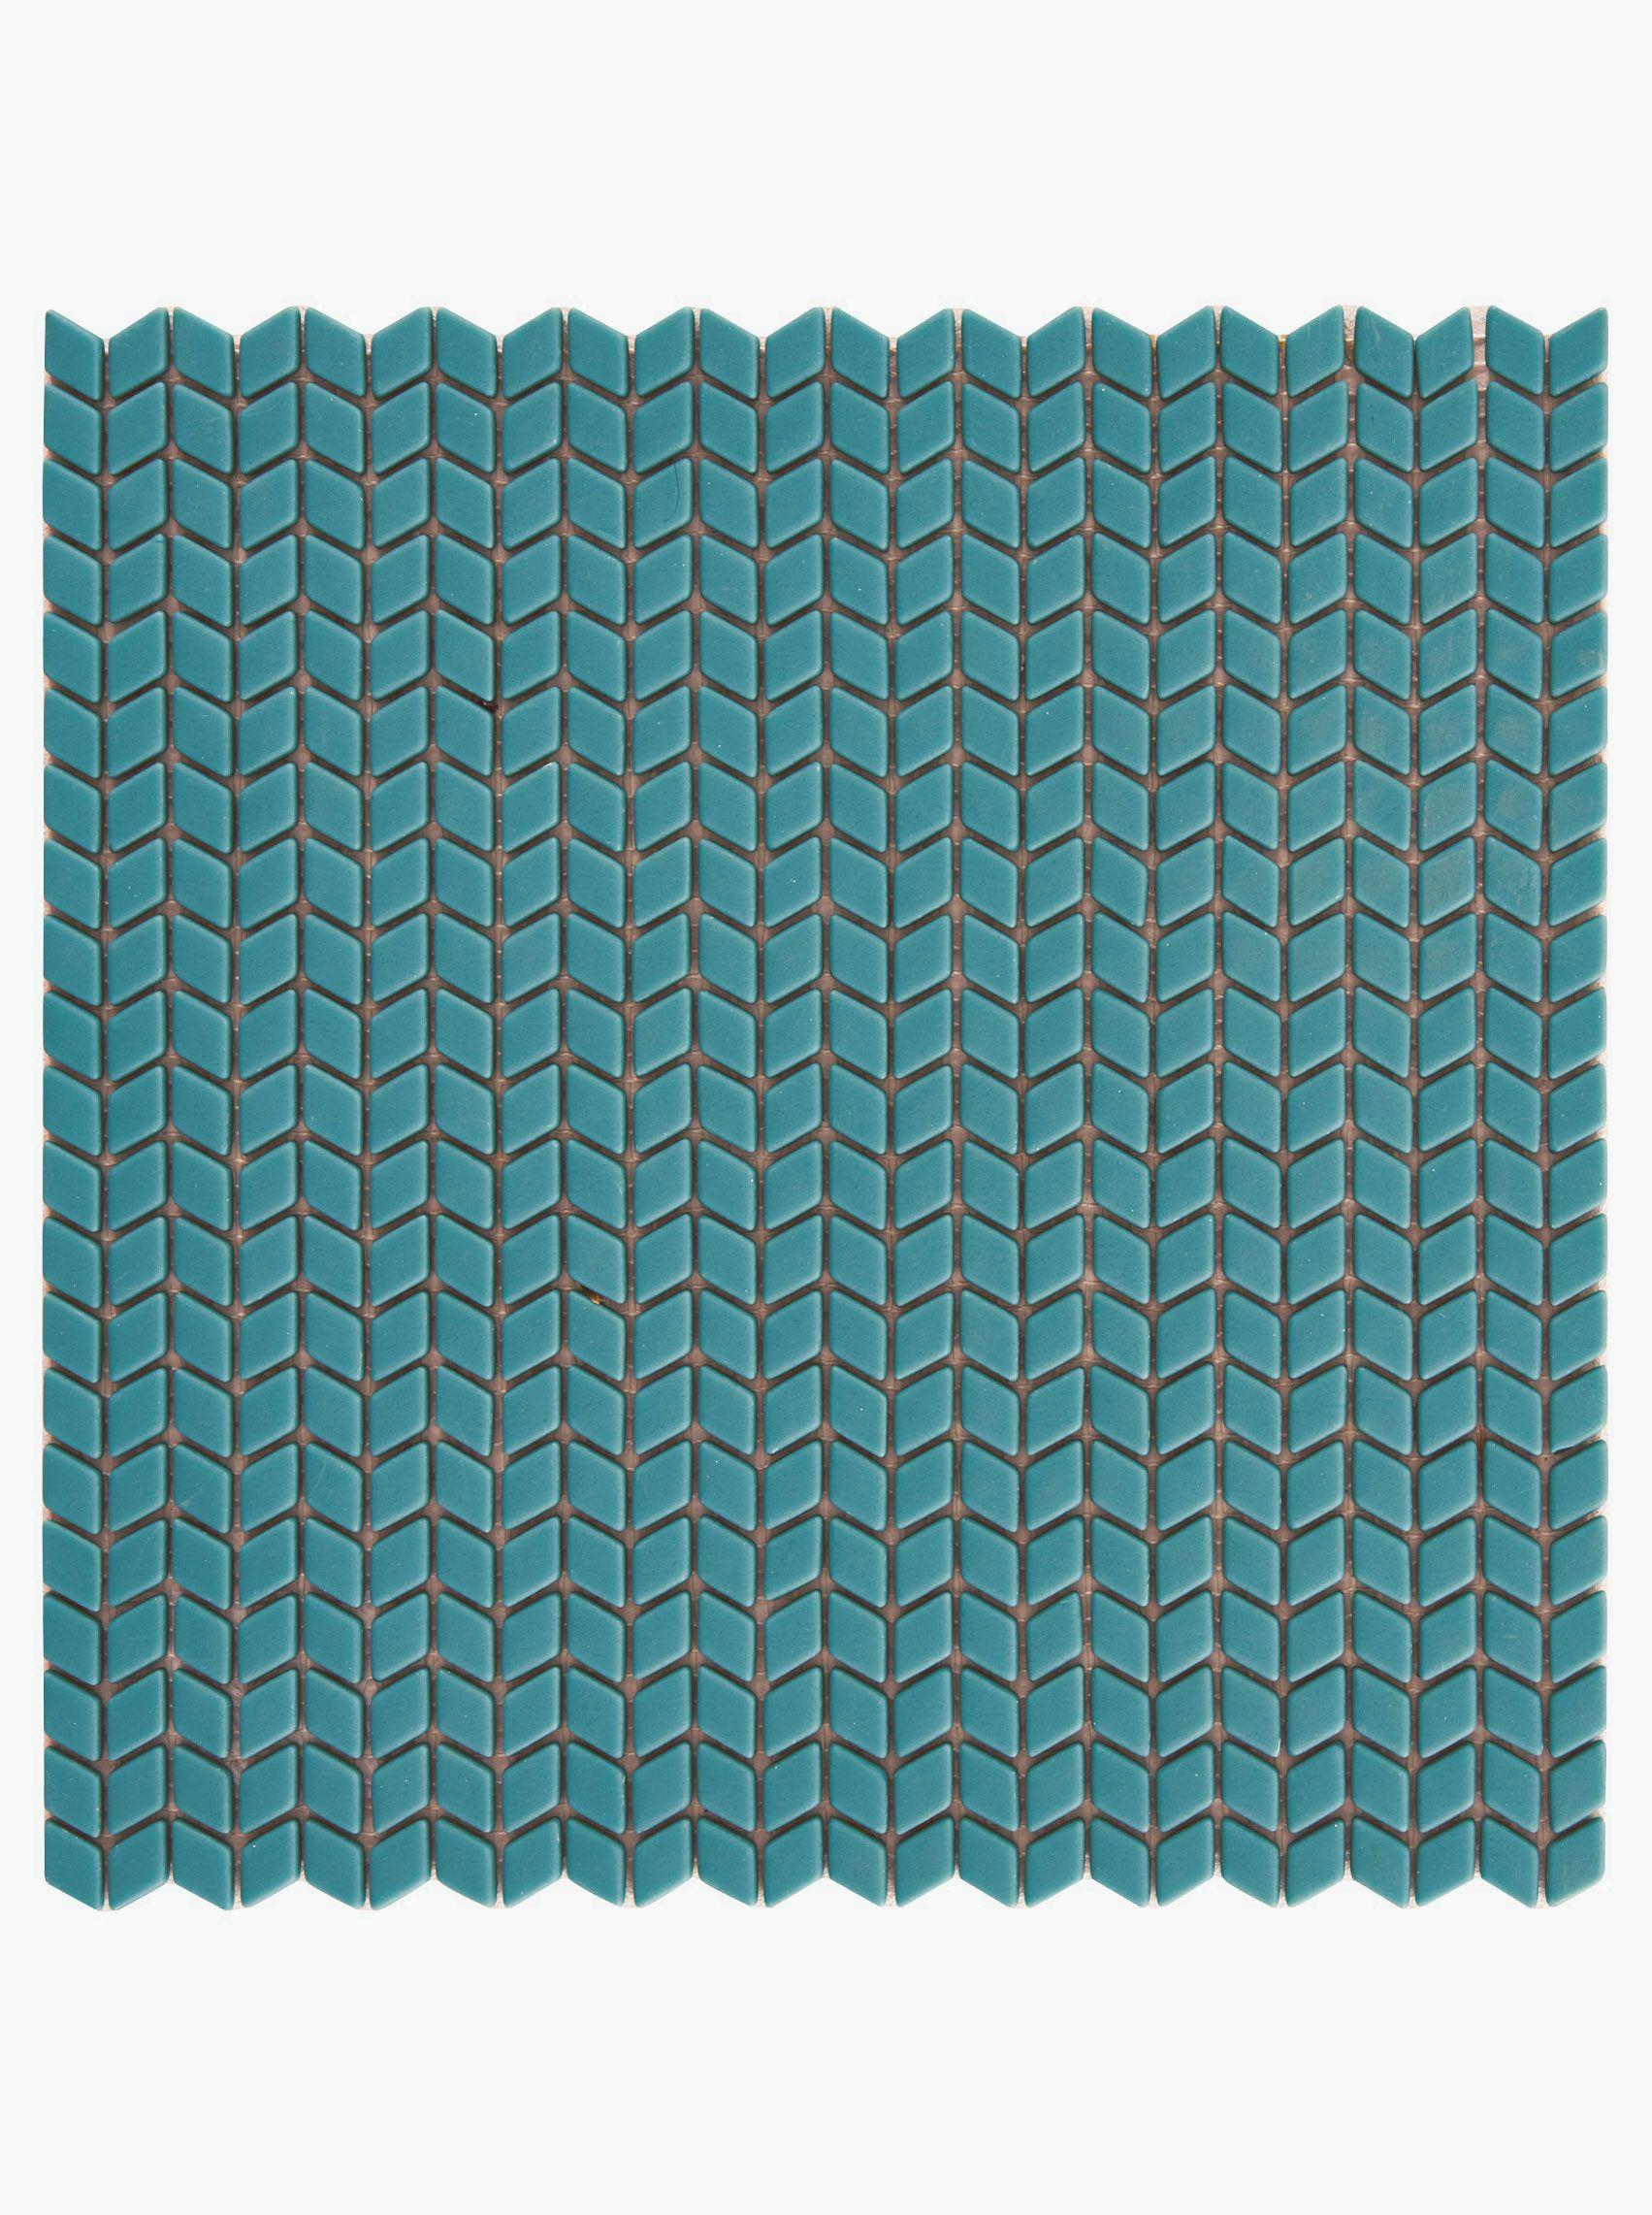 Confiserie Teal Chevron Mosaic